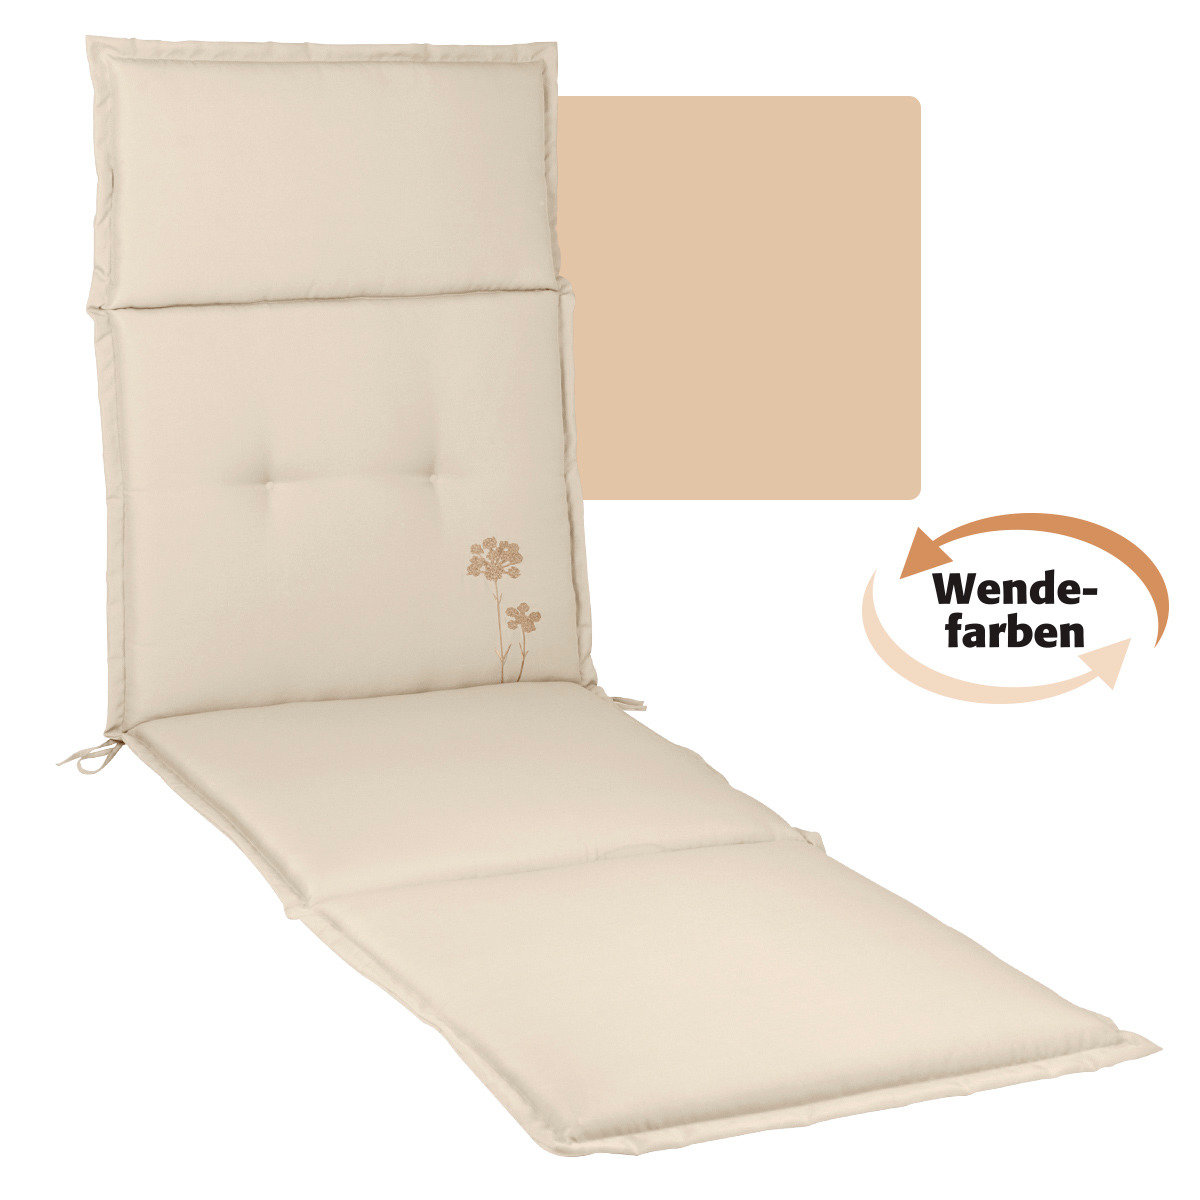 Deckchairauflage Samba Anisa, sand/beige